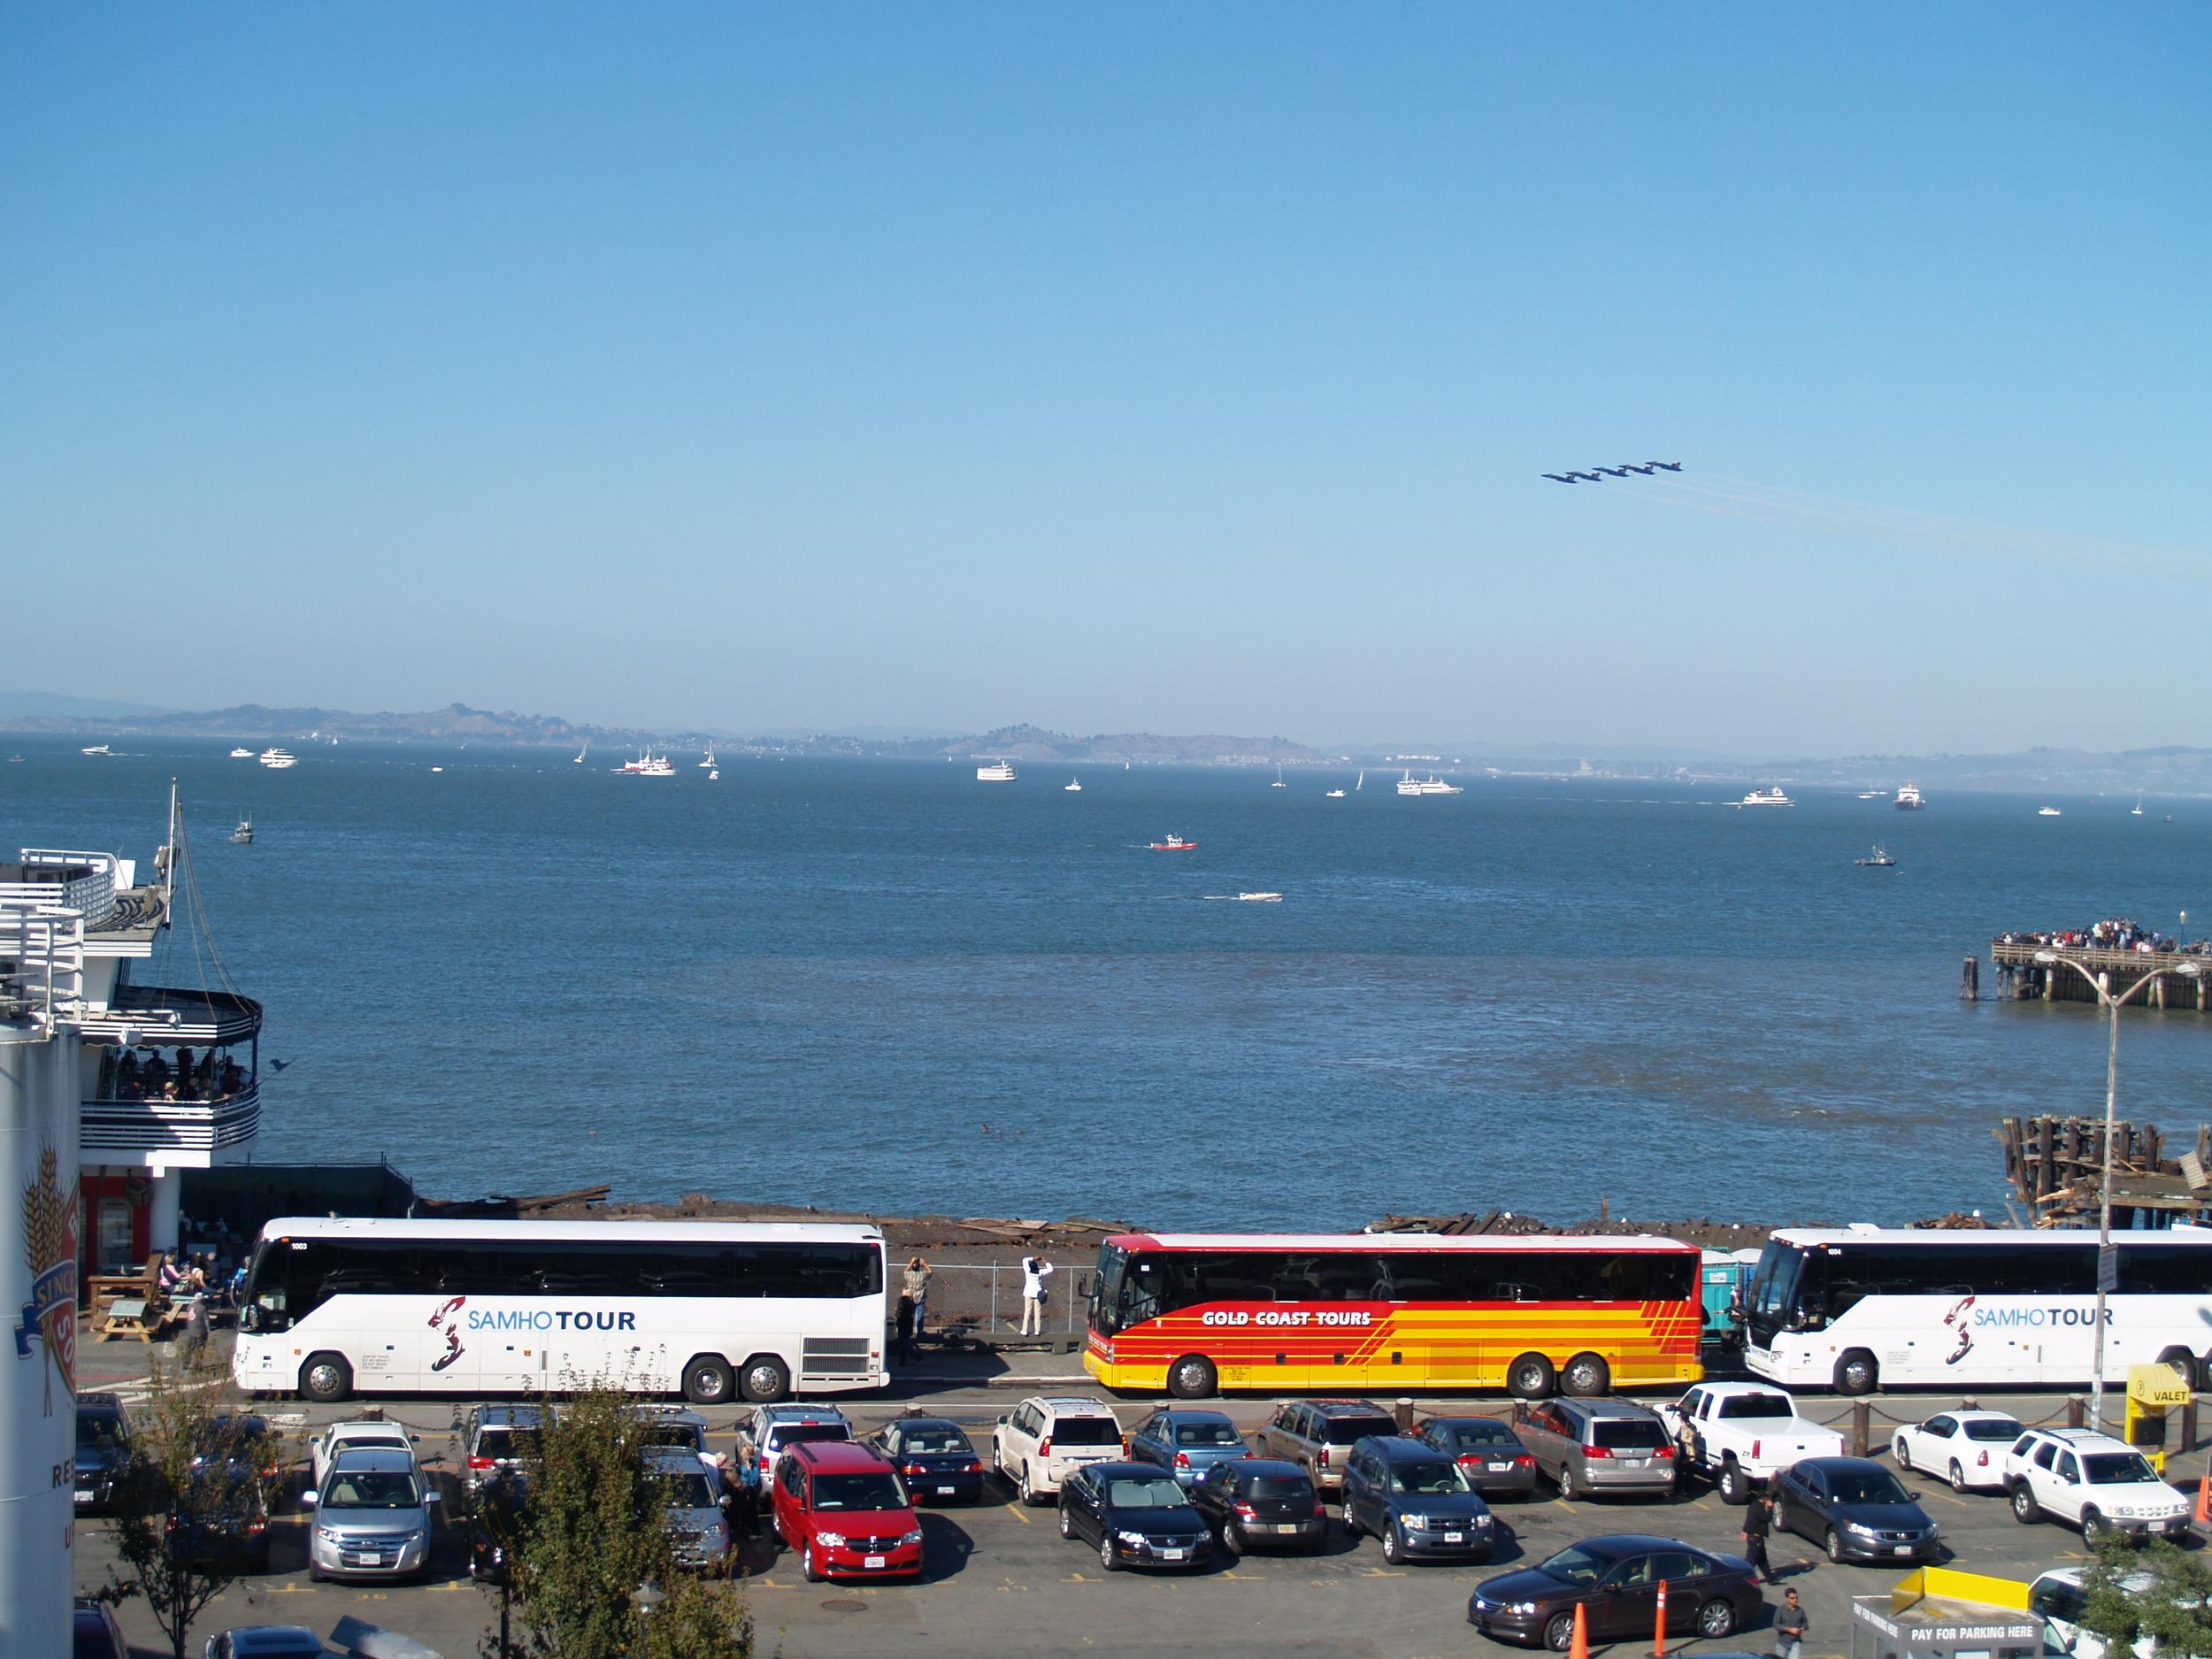 Tour Bus Parking